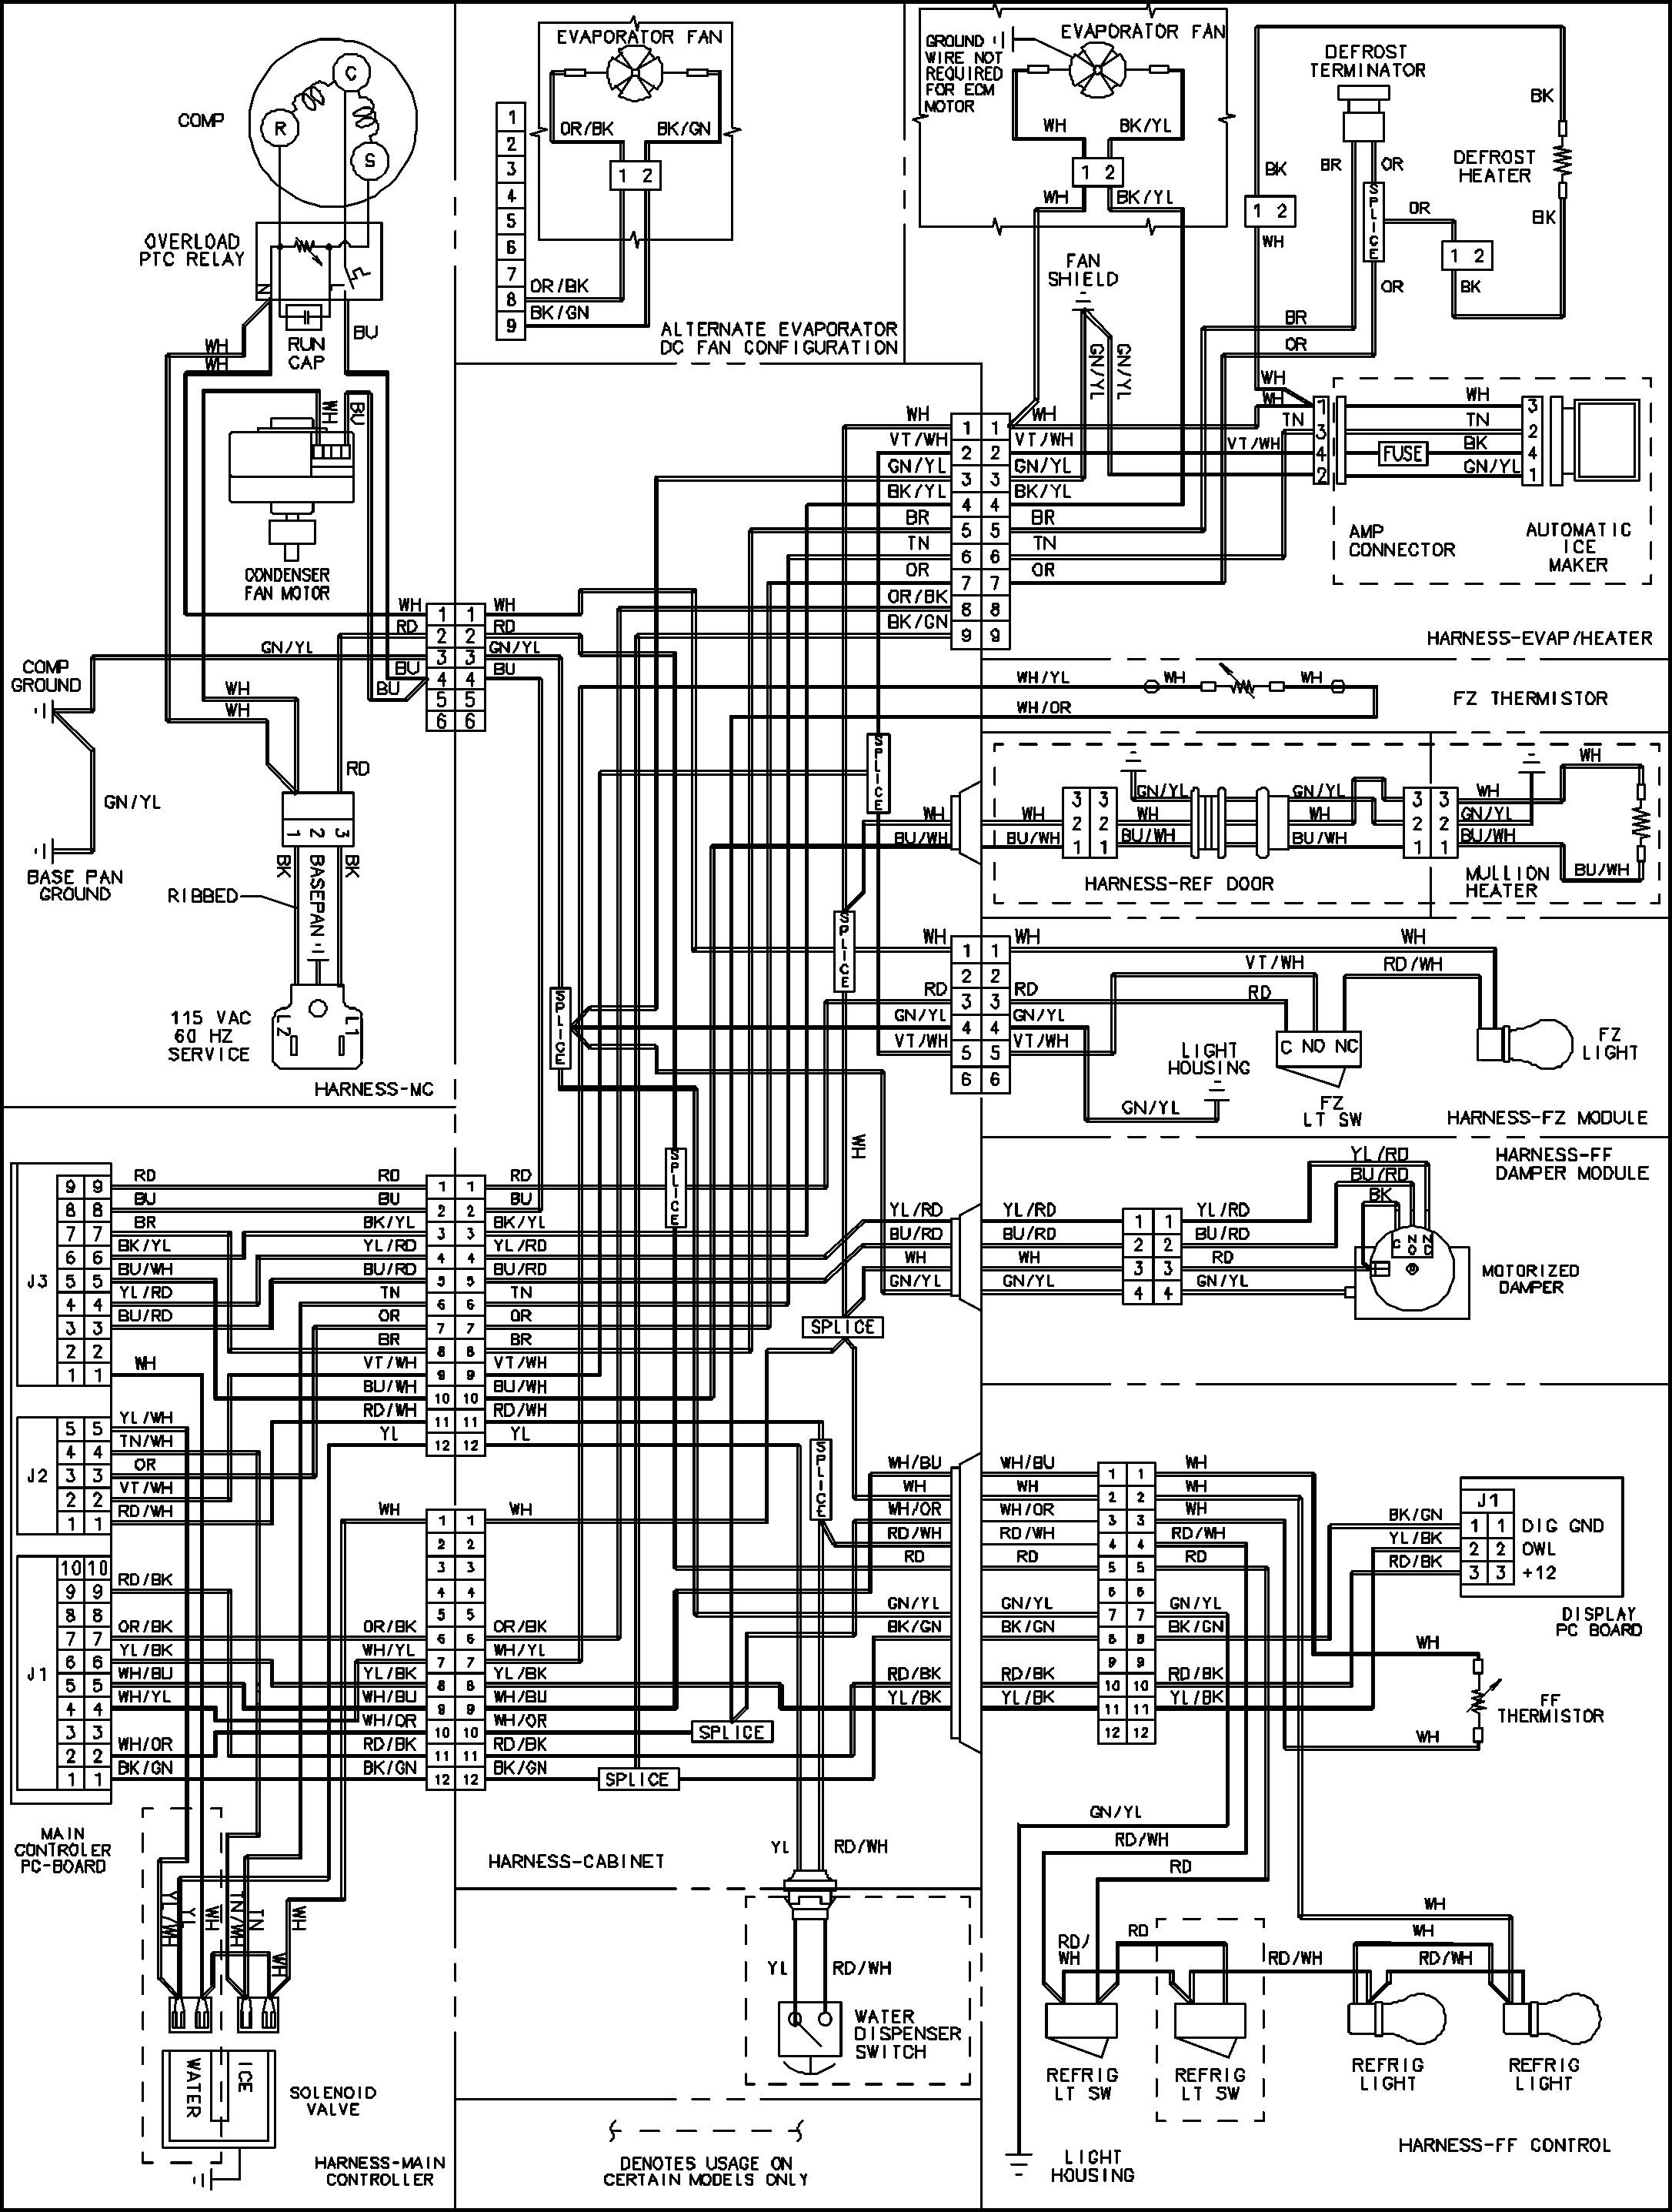 Walk In Freezer Wiring Diagram nor Lake Wiring Diagram Wiring Diagram Home Of Walk In Freezer Wiring Diagram